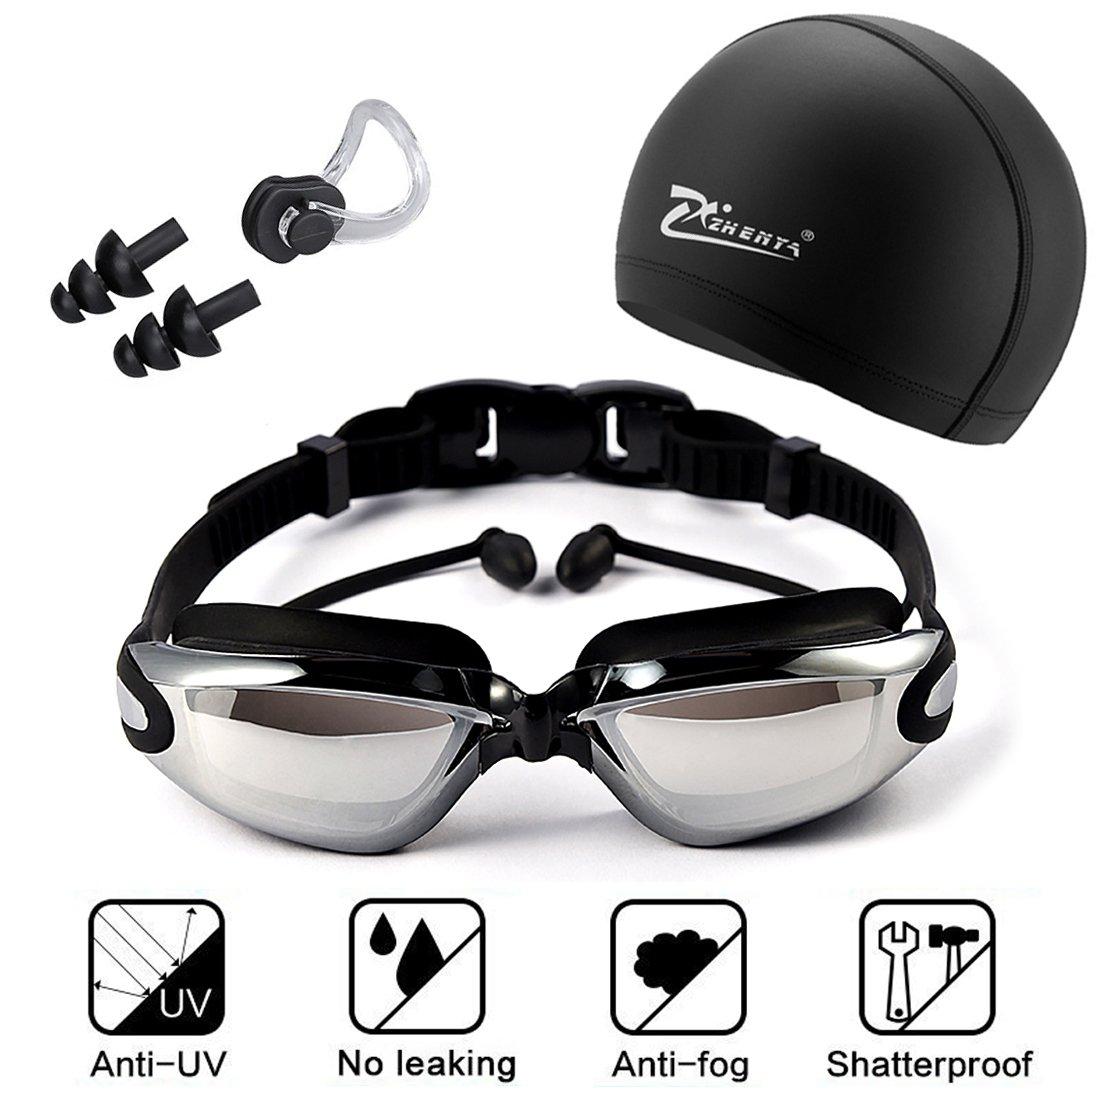 c808af85a72777 Nouveau Ajustable Ensemble de lunettes de natation, comprendre Bouchon  d oreille + Casquette +